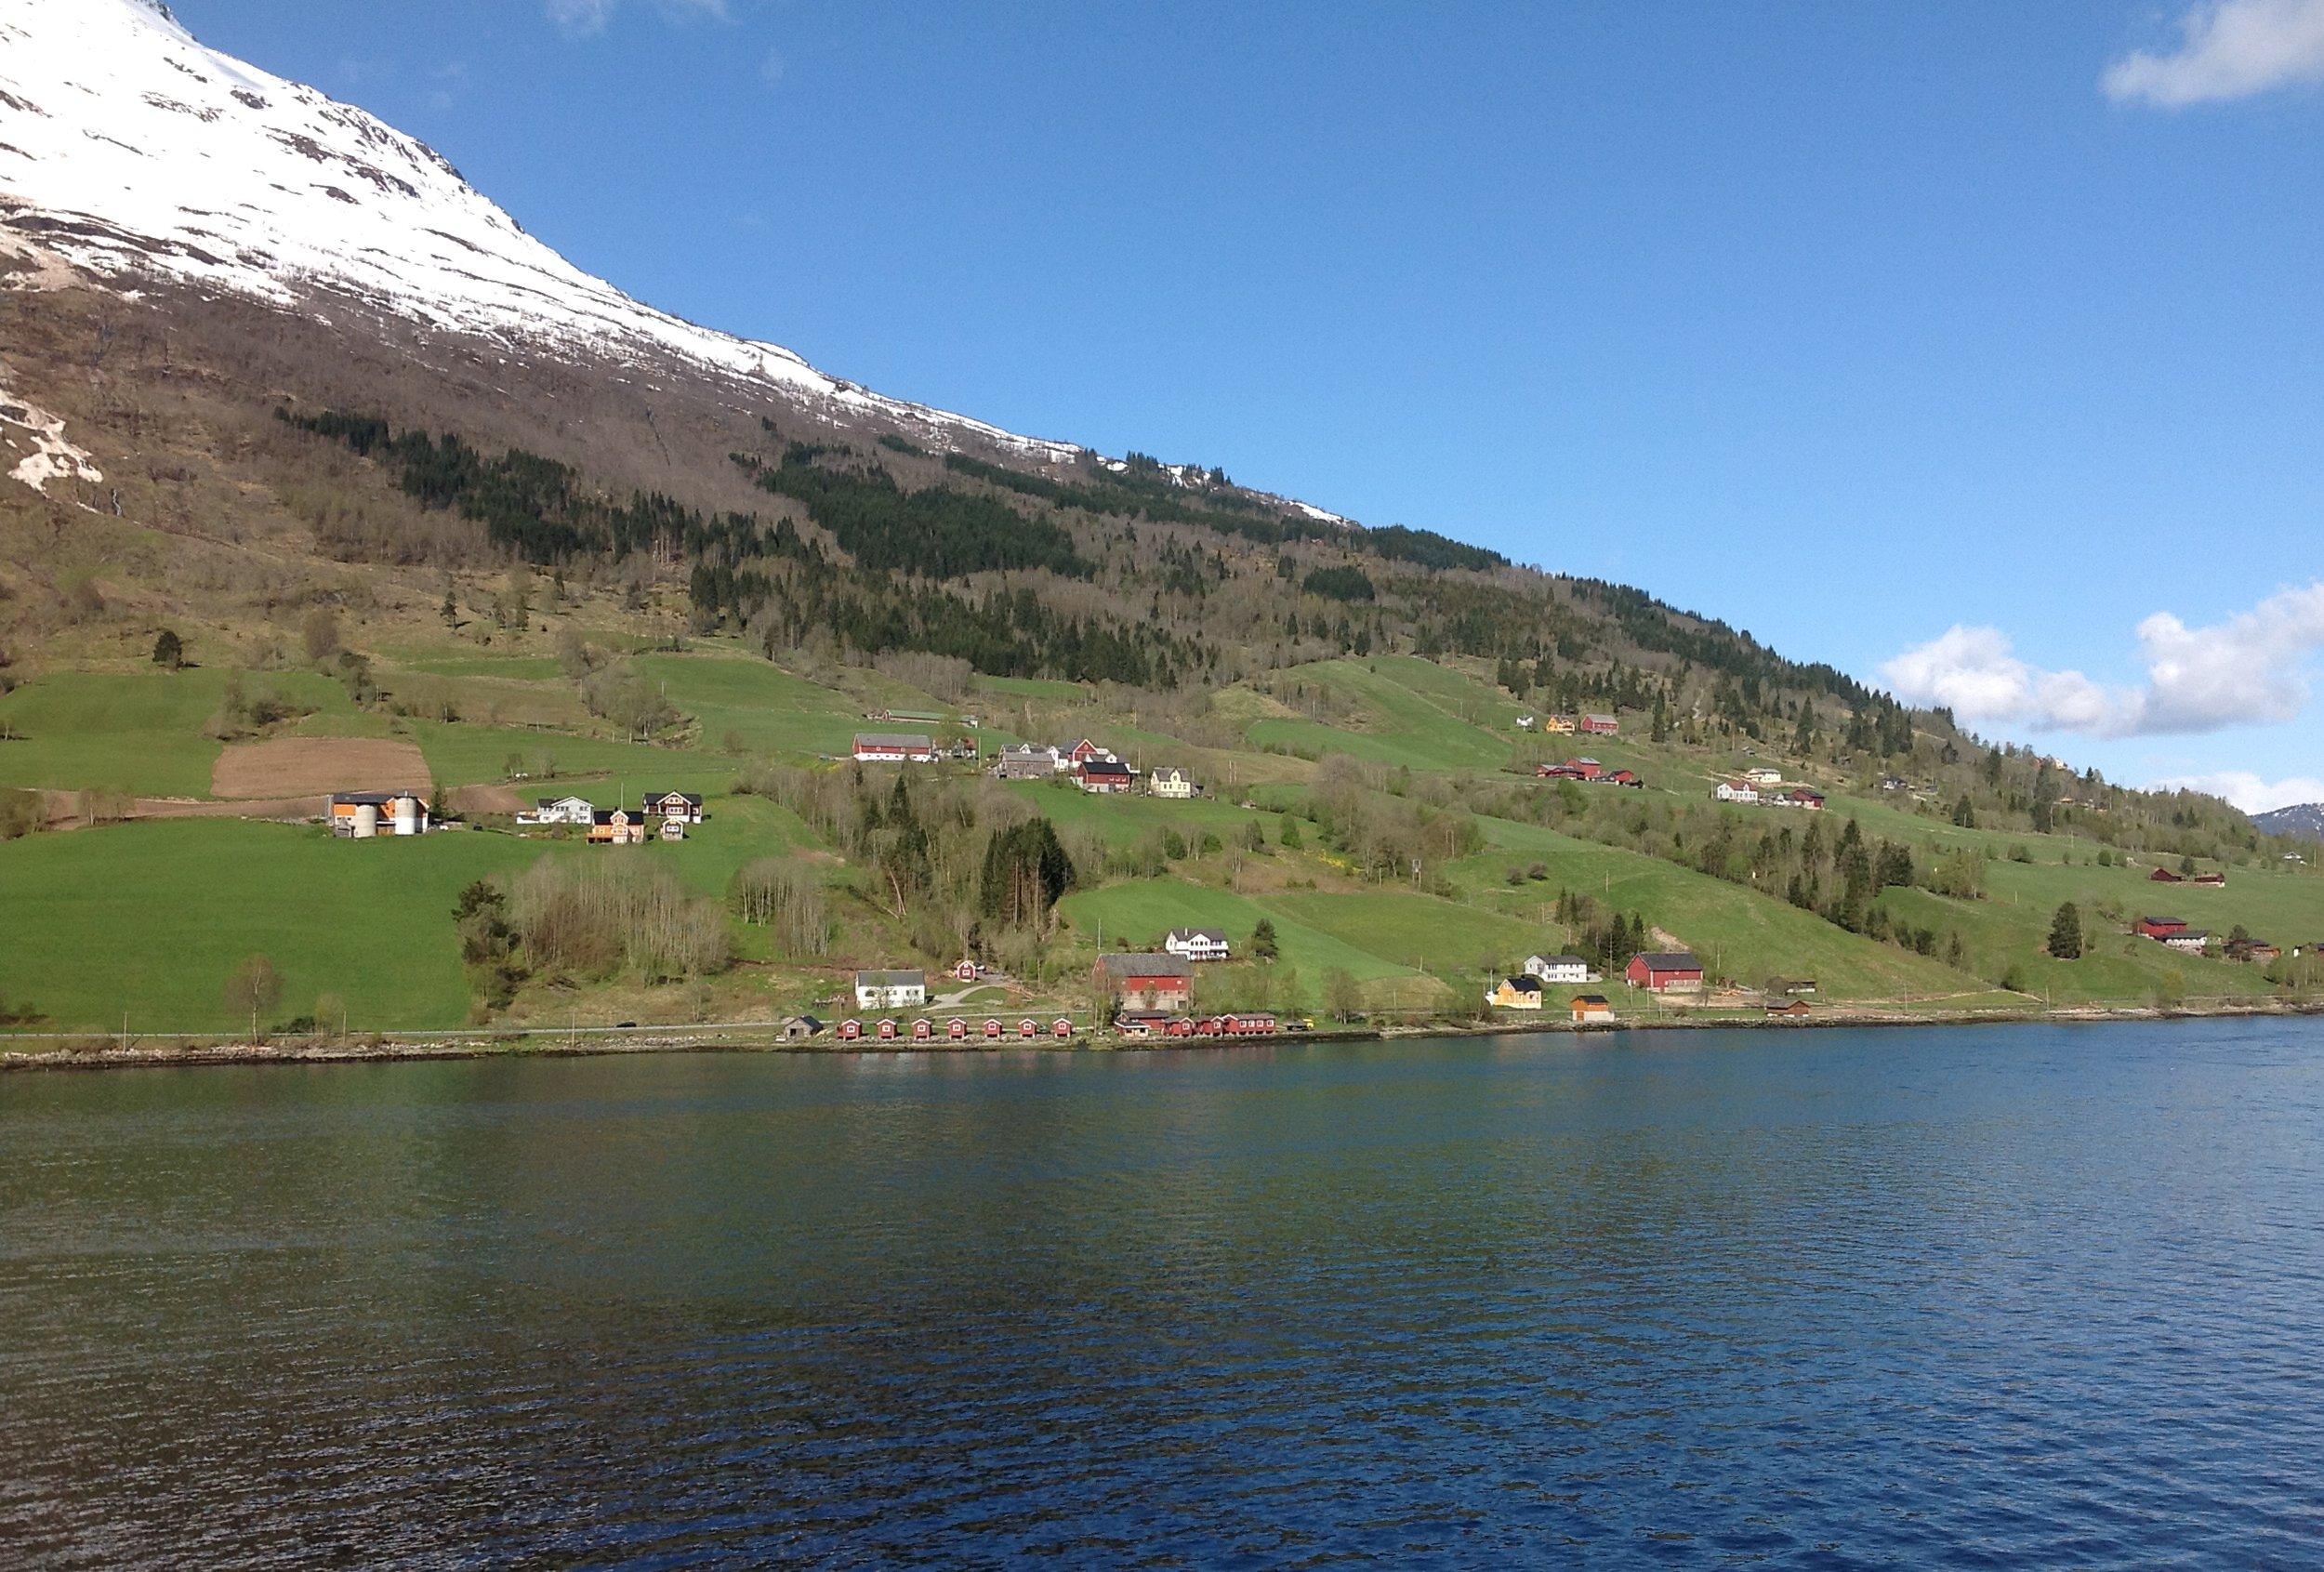 Heading for Bergen, Norway